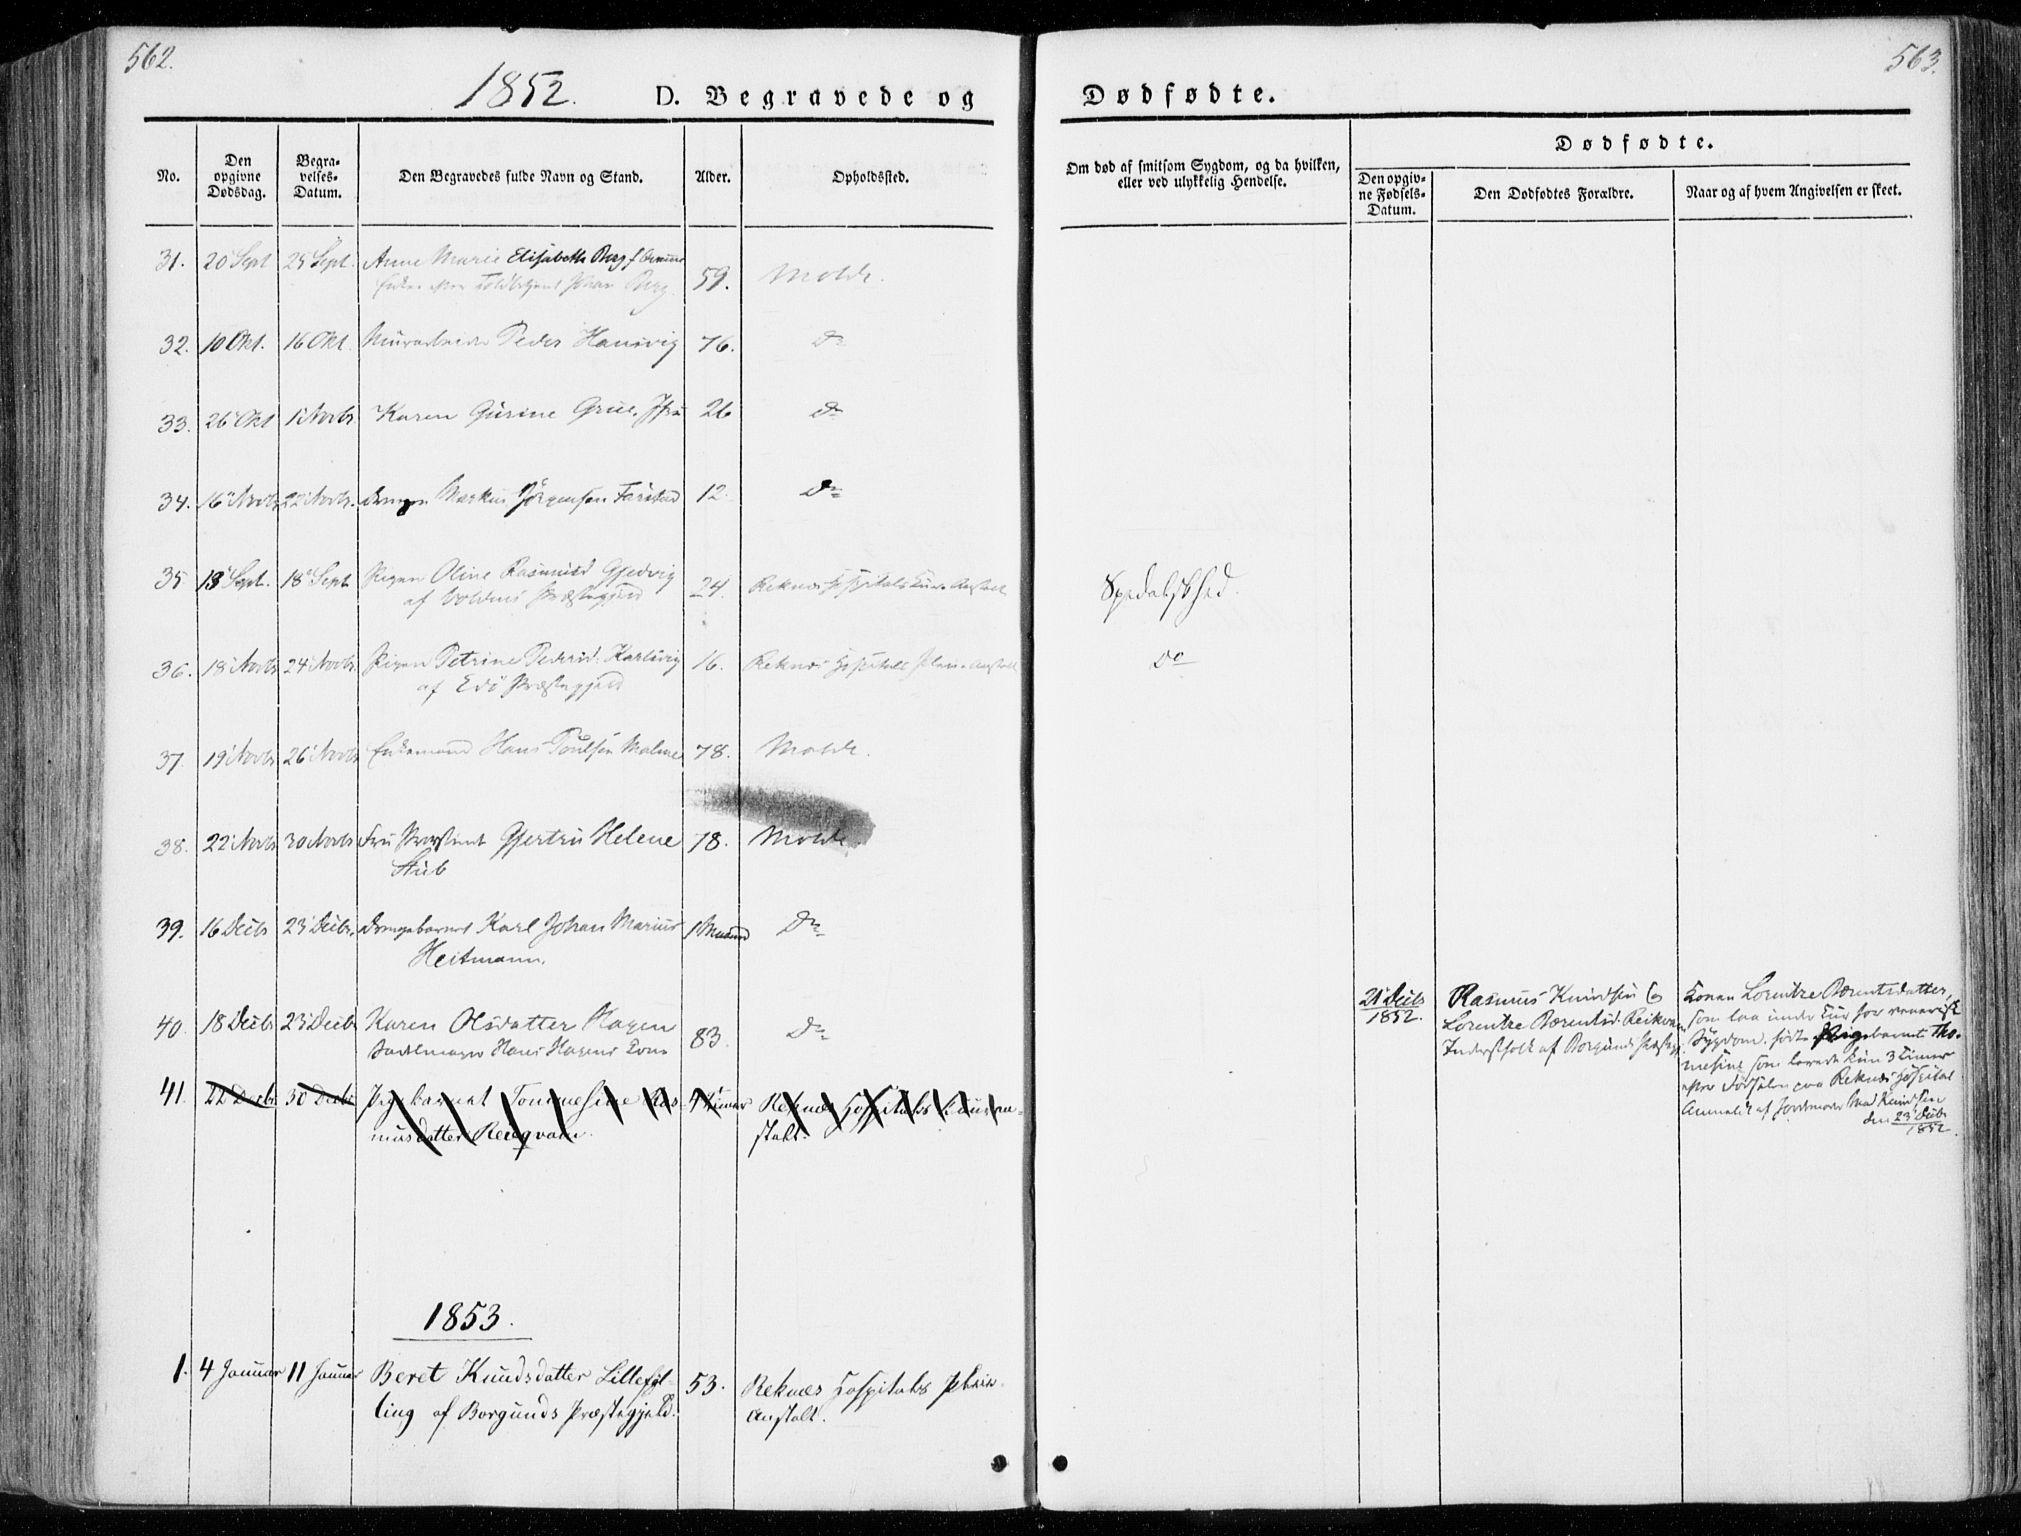 SAT, Ministerialprotokoller, klokkerbøker og fødselsregistre - Møre og Romsdal, 558/L0689: Ministerialbok nr. 558A03, 1843-1872, s. 562-563